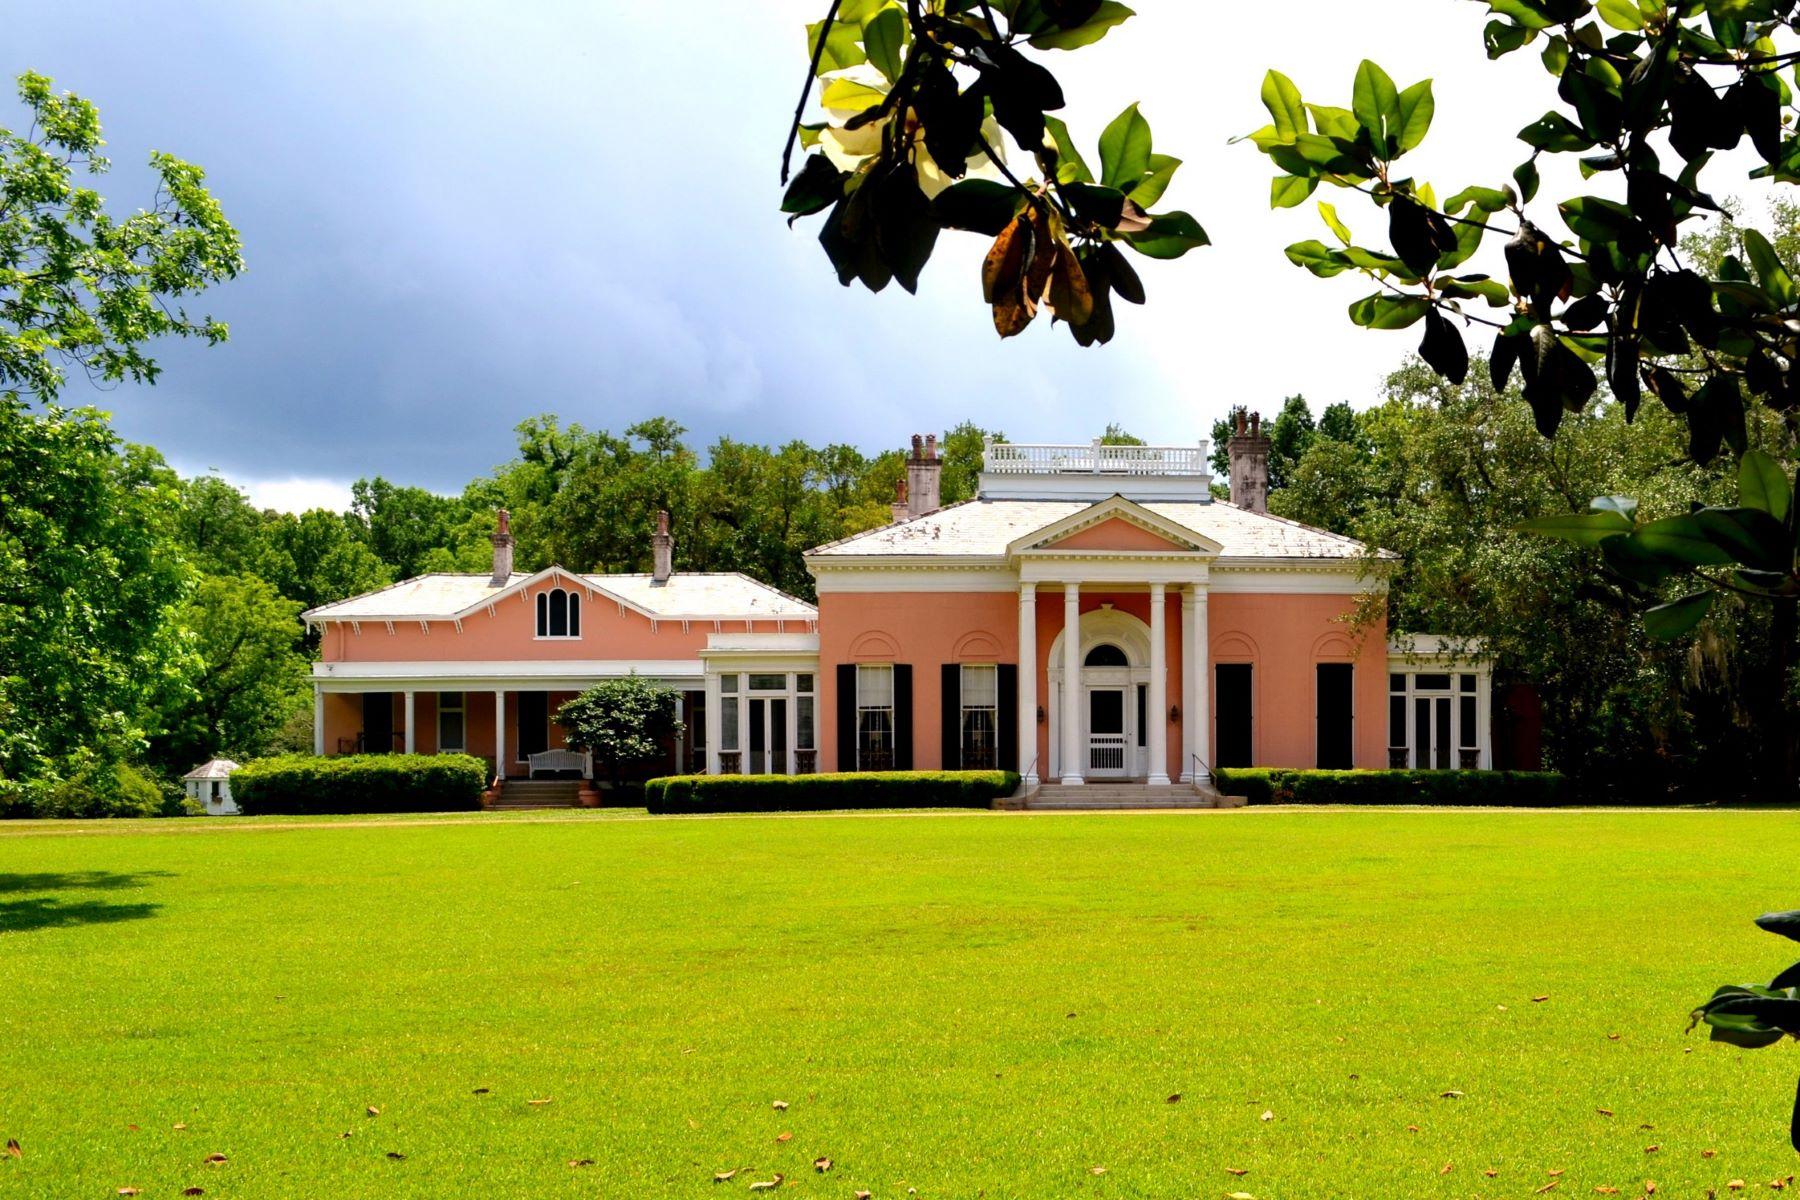 single family homes для того Продажа на 200 Liberty Rd, Natchez 200 Liberty Rd Natchez, Миссисипи 39120 Соединенные Штаты